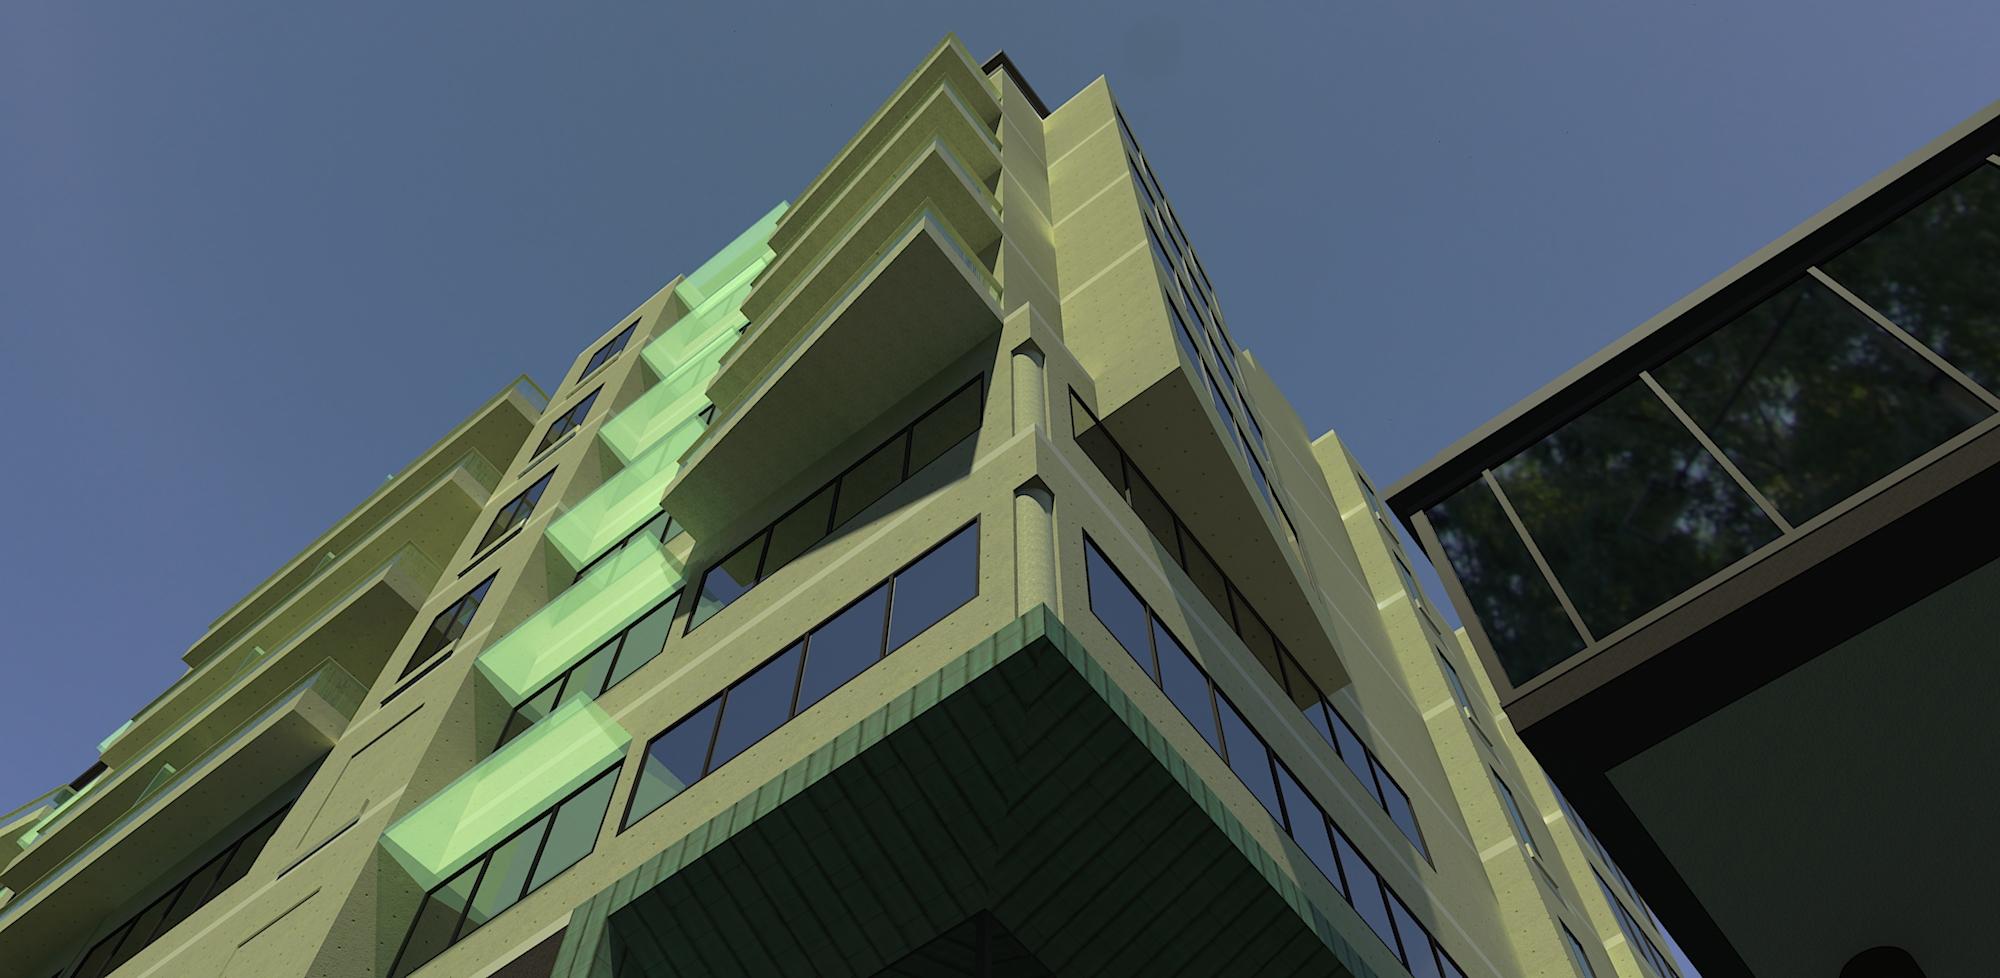 2016_05-20 CJ_New Building Development A_Scene 7.jpg